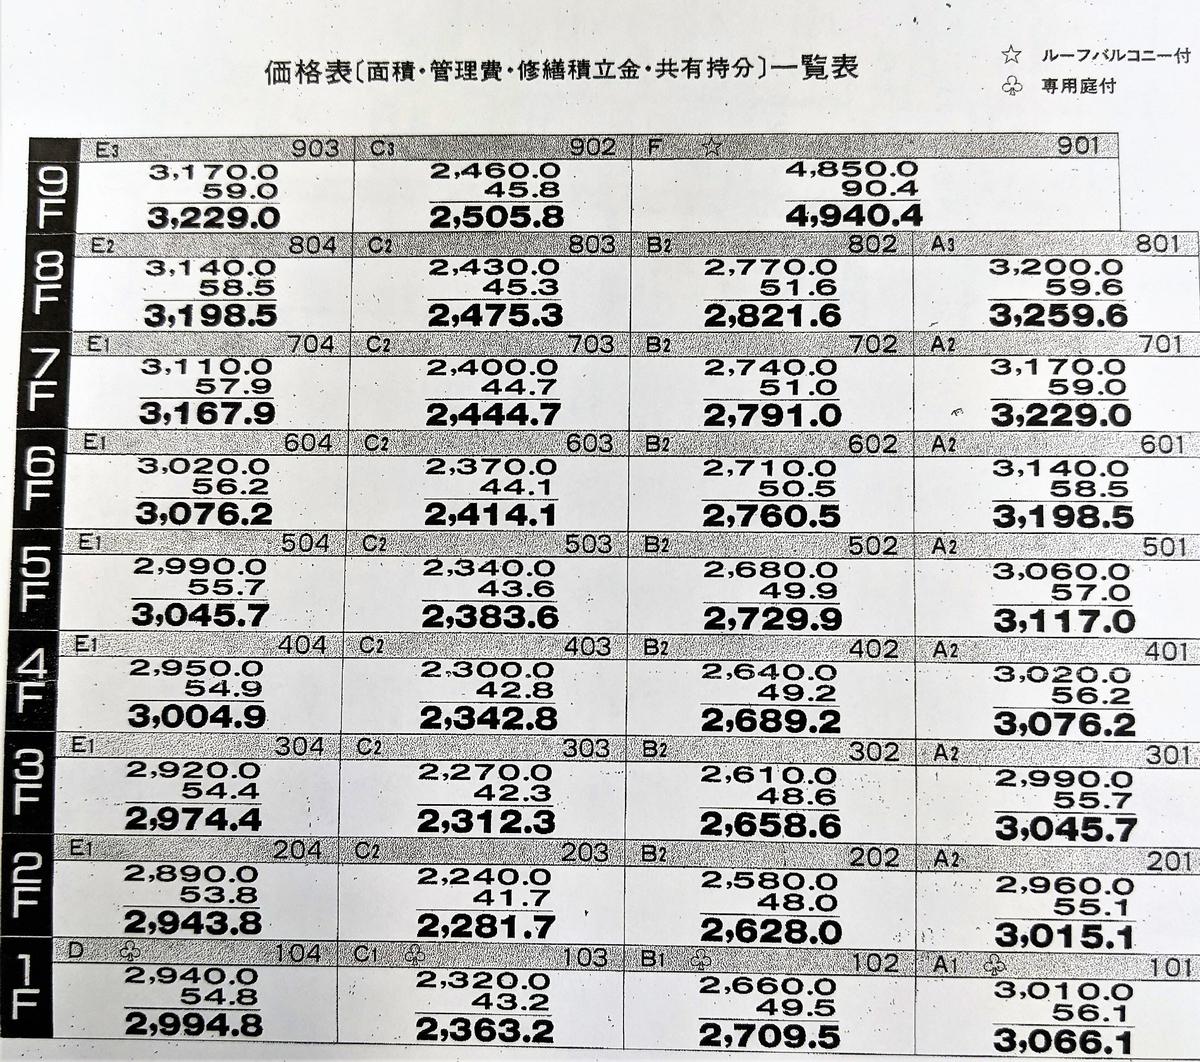 f:id:r-s-nishi-nihon-h:20210606095244j:plain